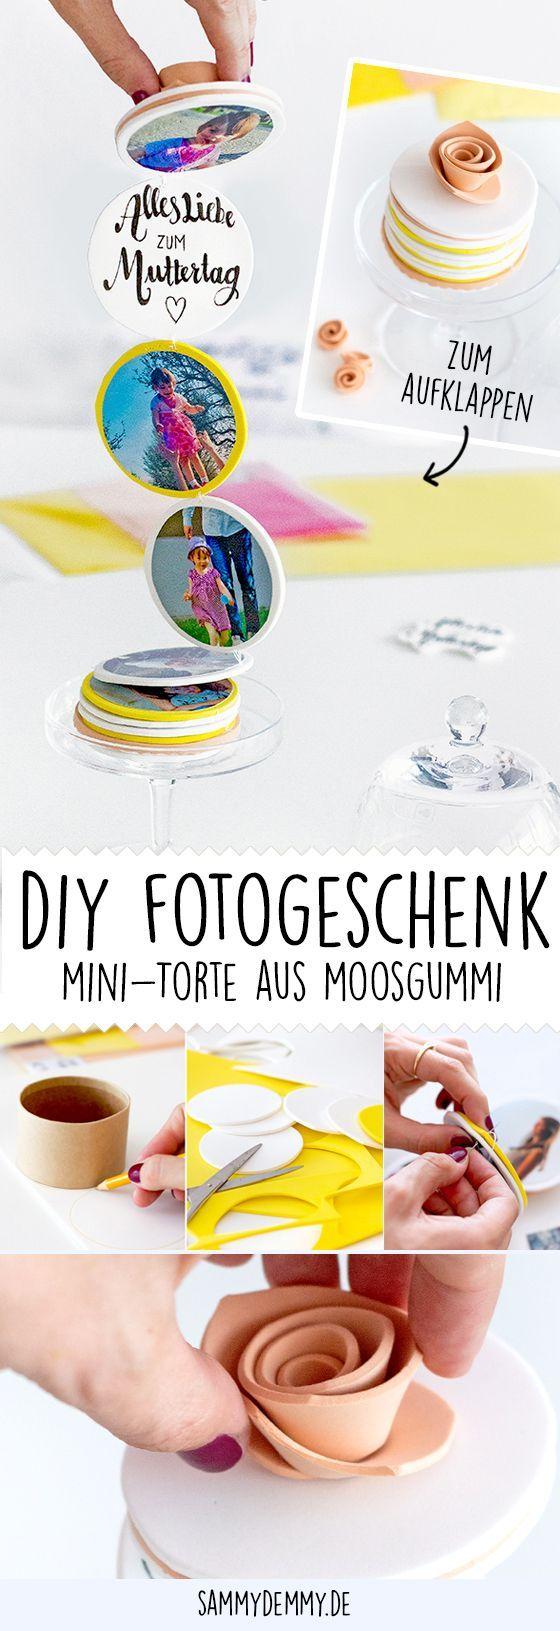 Tischdeko und Fotogeschenk zum Muttertag #fotogeschenk